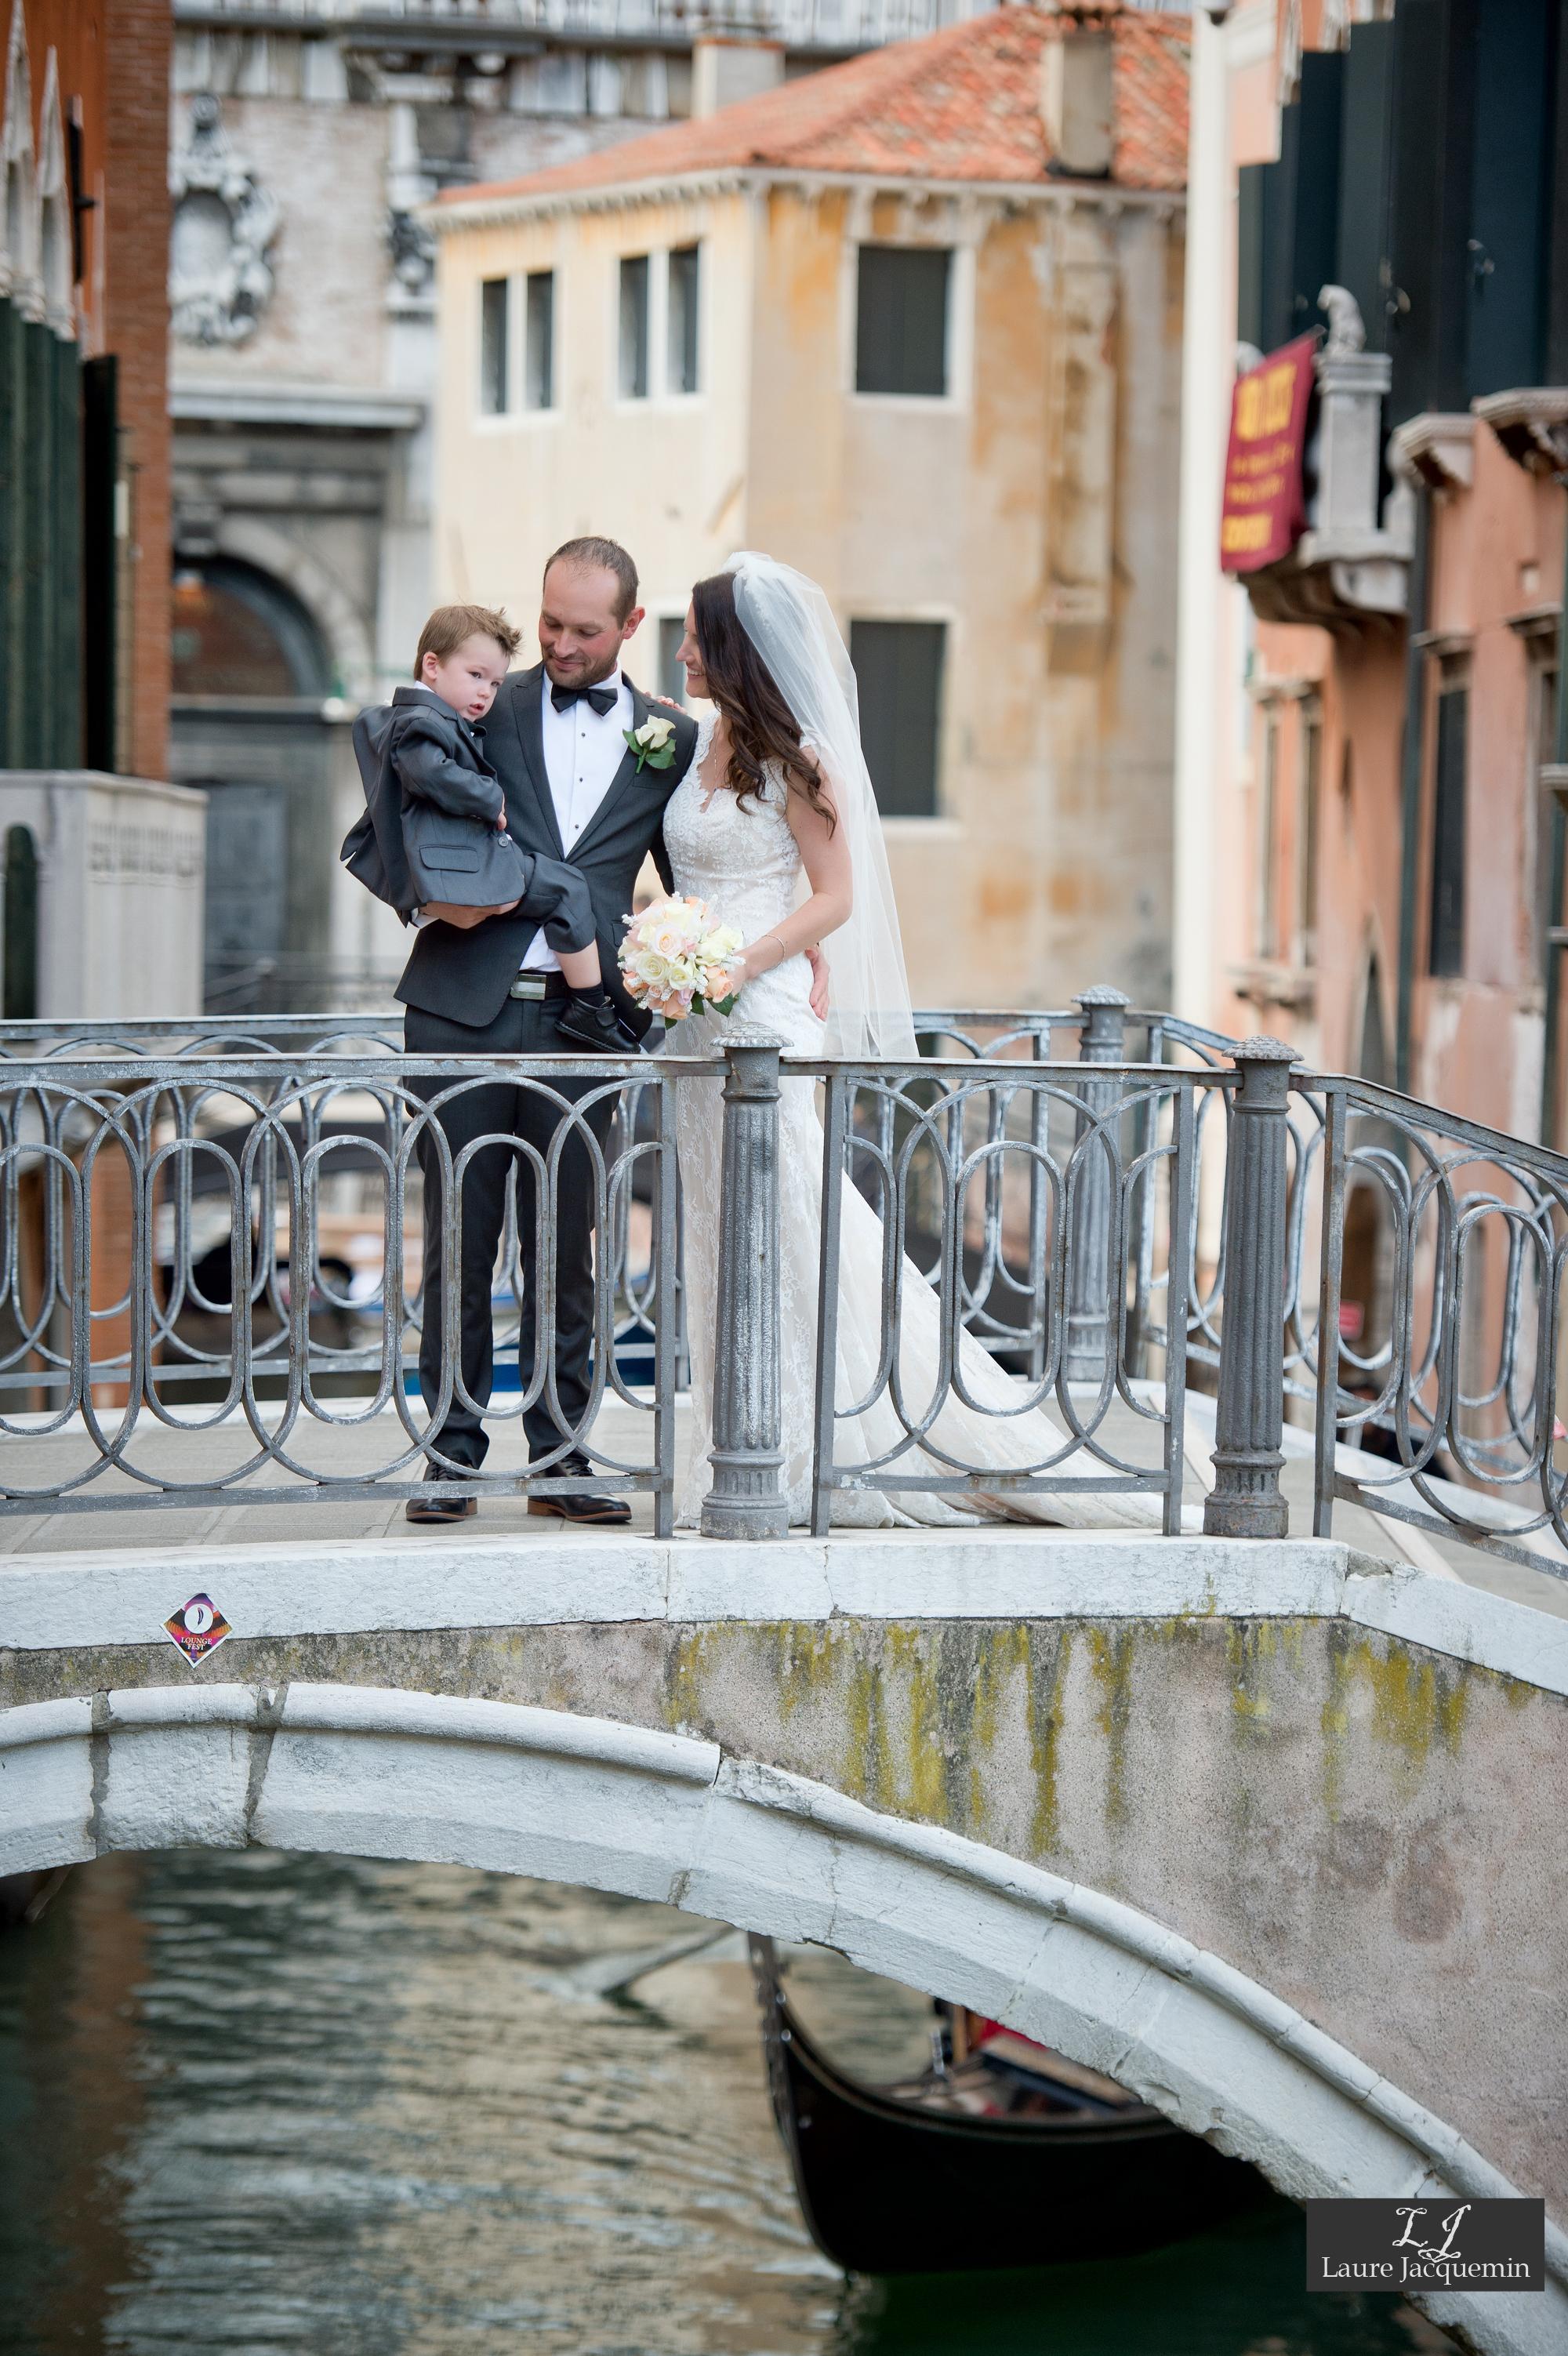 photographe mariage laure jacquemin palazzo cavalli service photographique (61)